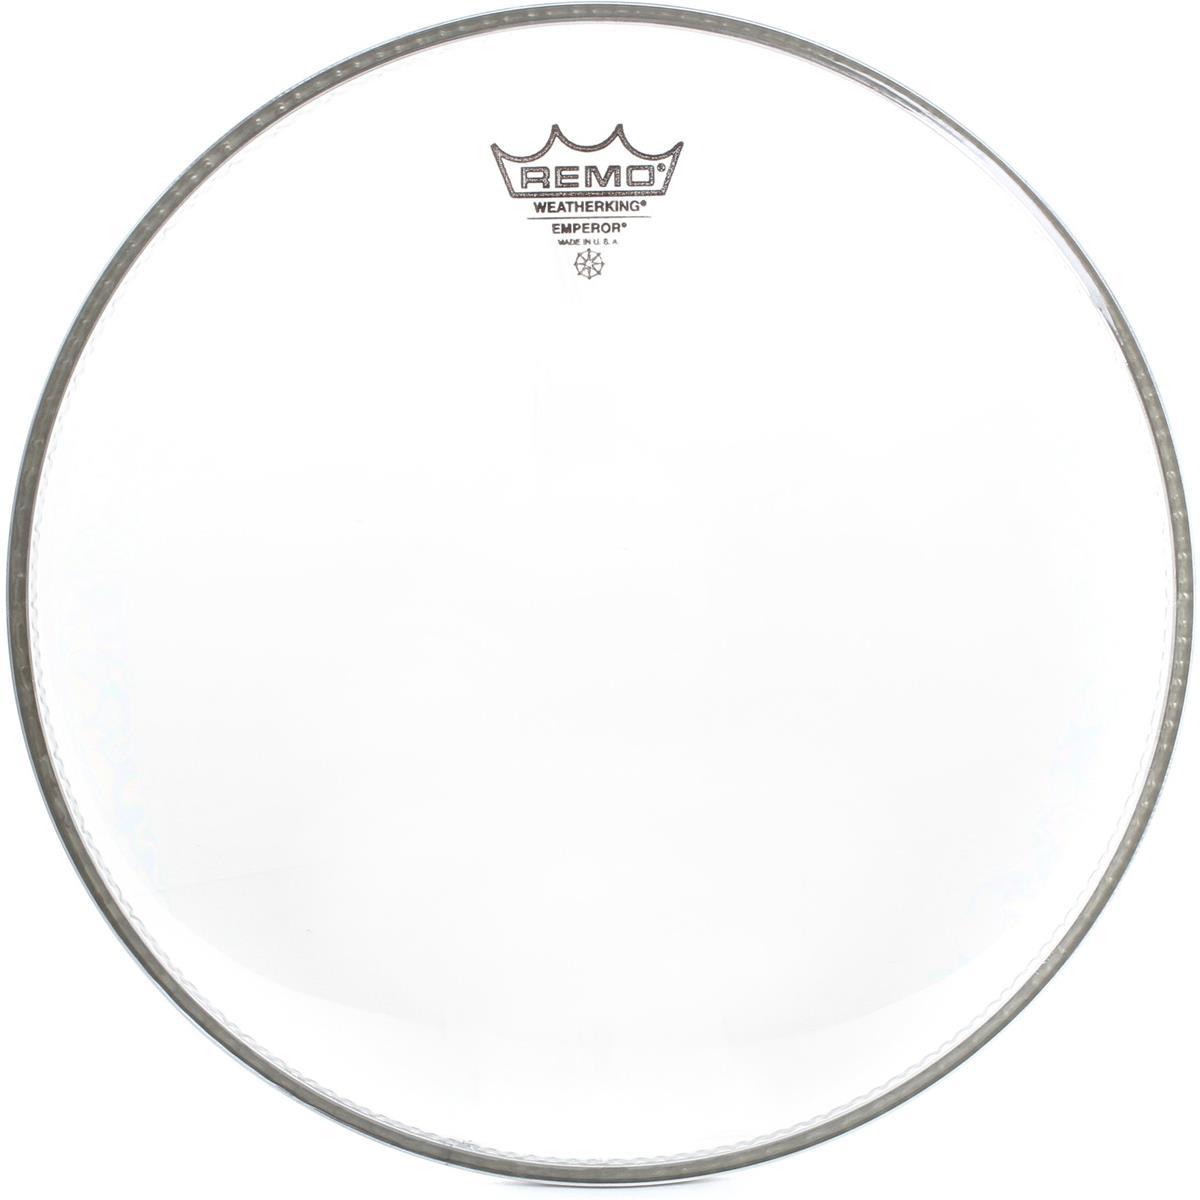 REMO-EMPEROR-CLEAR-10-sku-4105